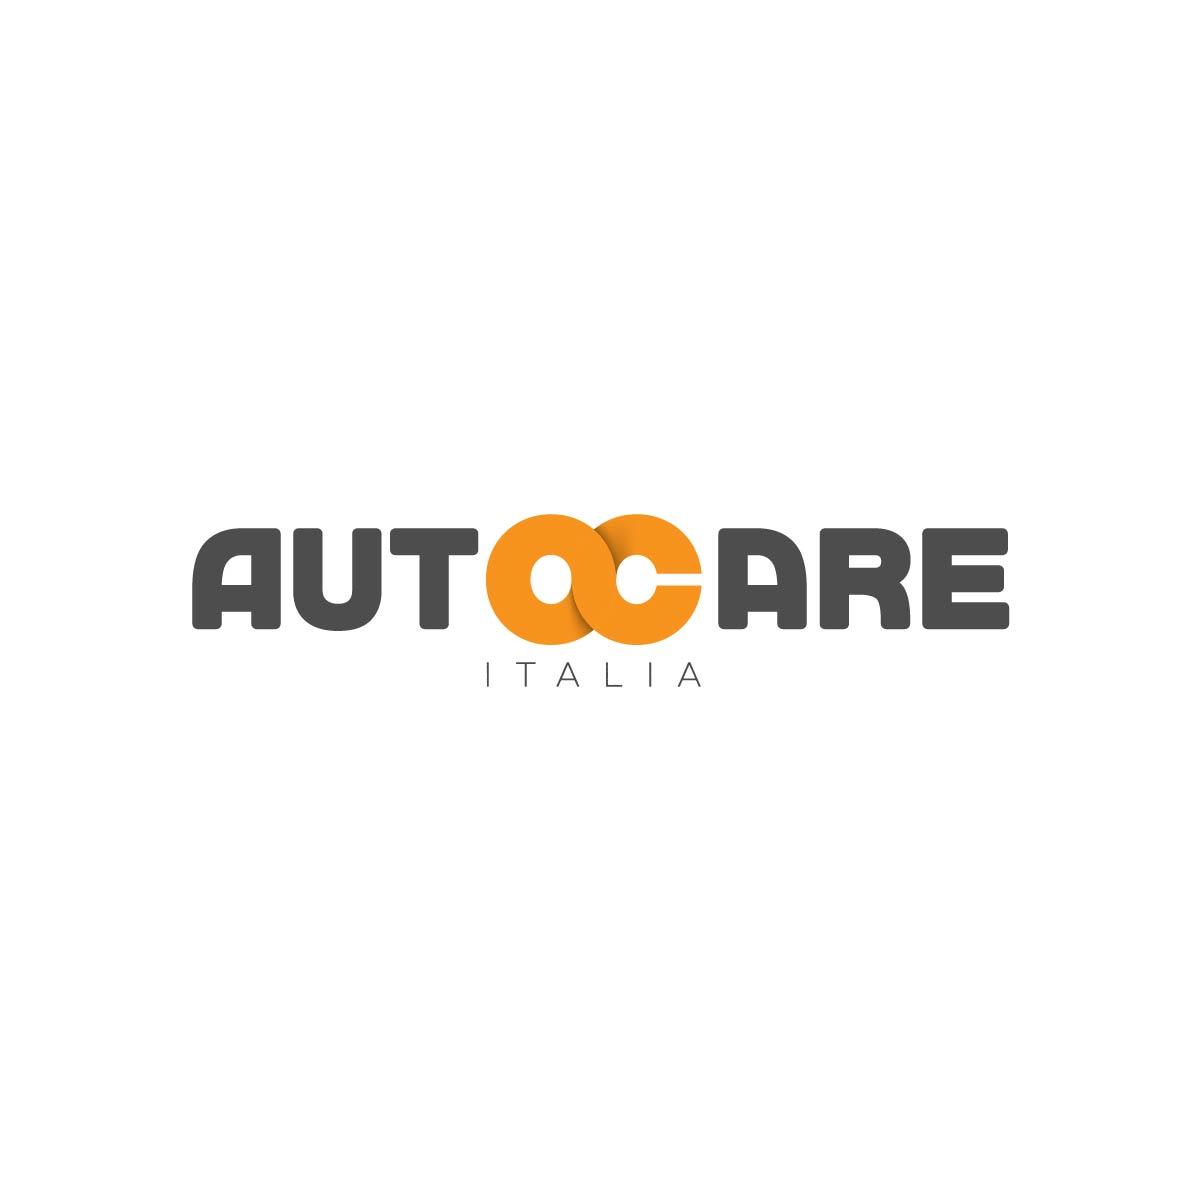 AutoCare Italia